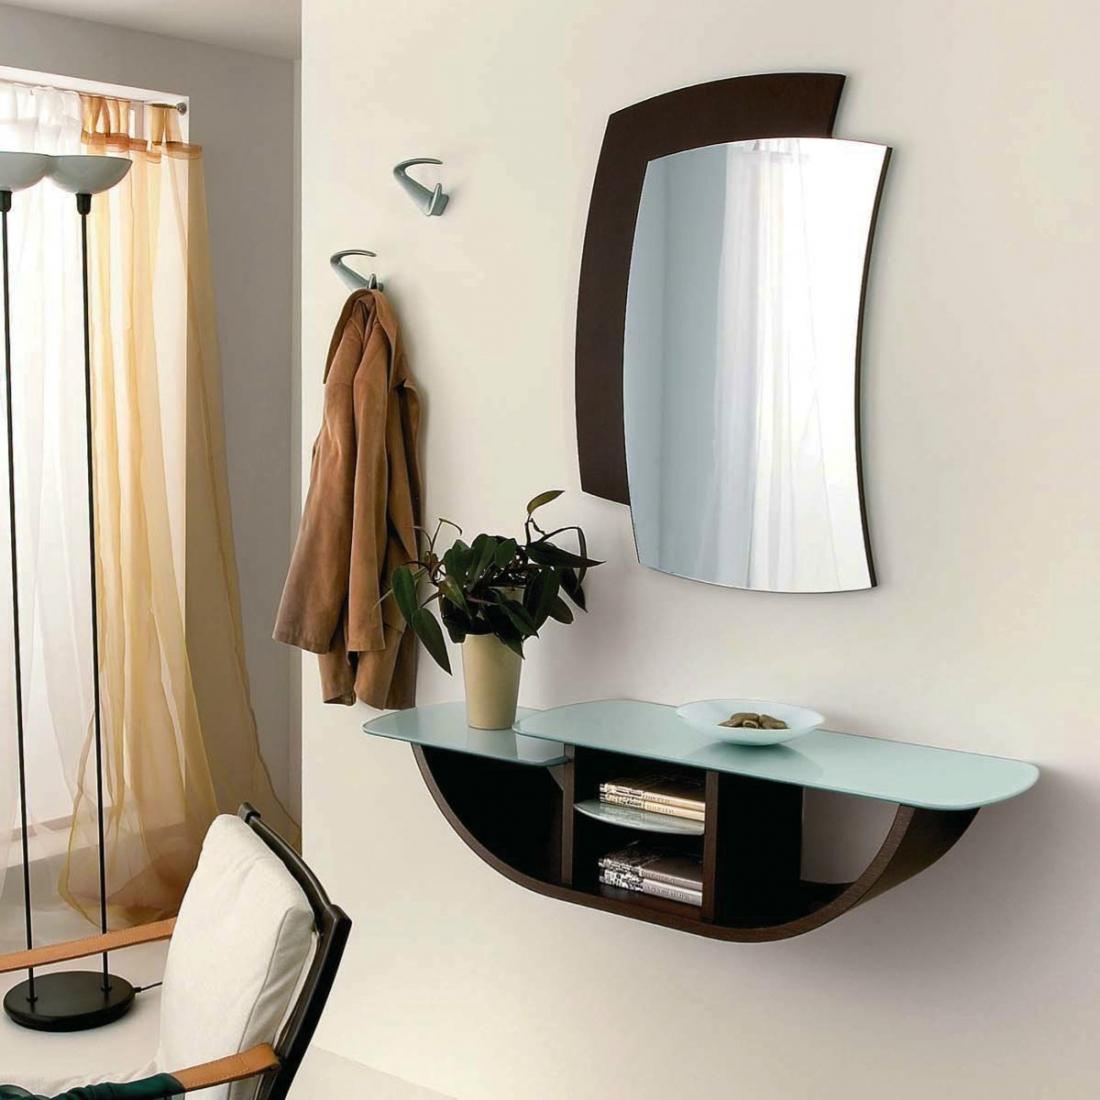 décoration et meubles d'entrée design - zendart design - Petit Meuble Entree Design